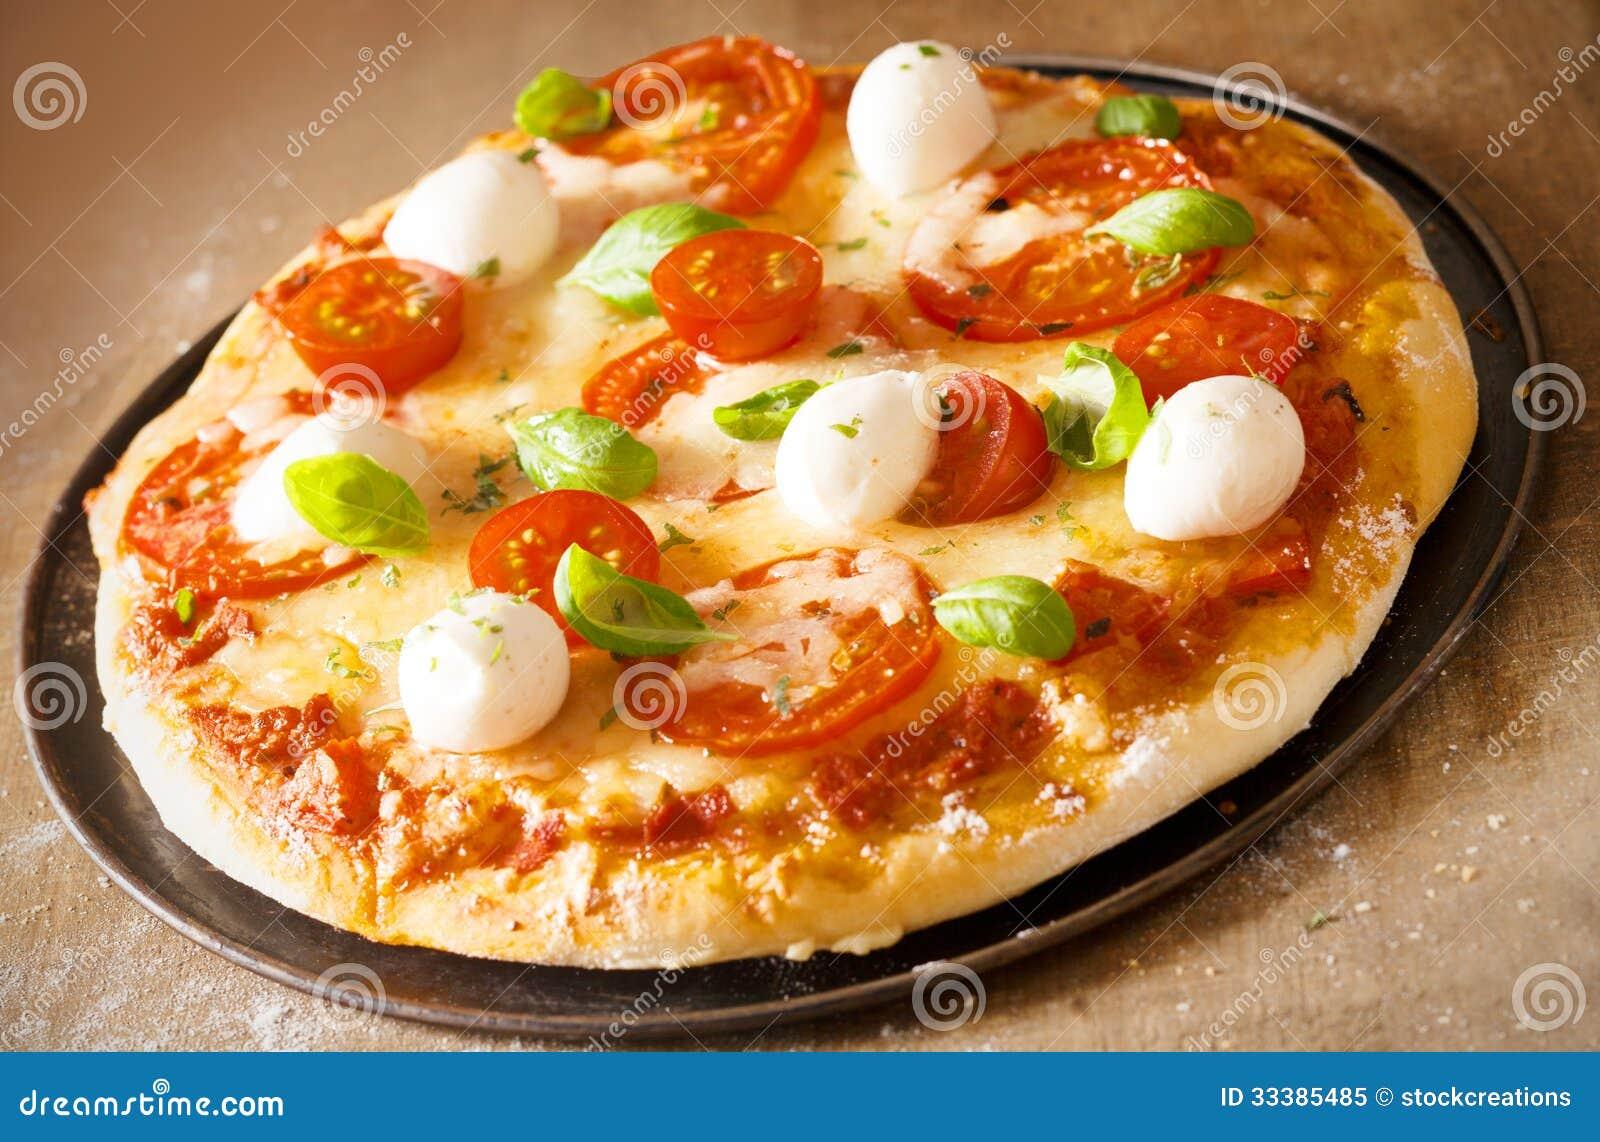 pizza italienne avec du fromage de mozzarella photo libre de droits image 33385485. Black Bedroom Furniture Sets. Home Design Ideas